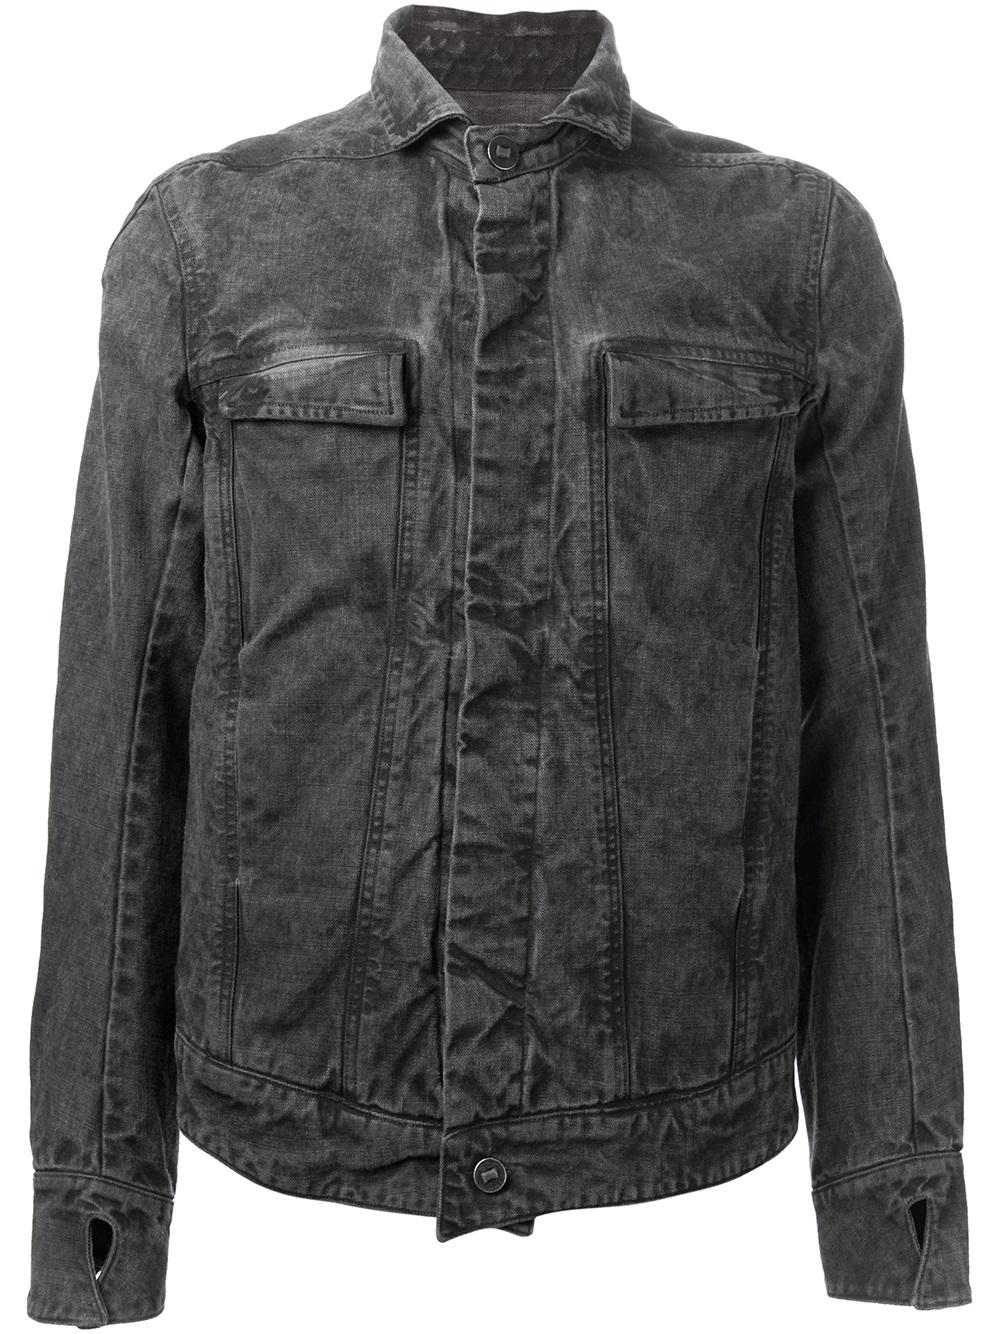 Boris bidjan saberi Denim Jacket in Gray for Men | Lyst